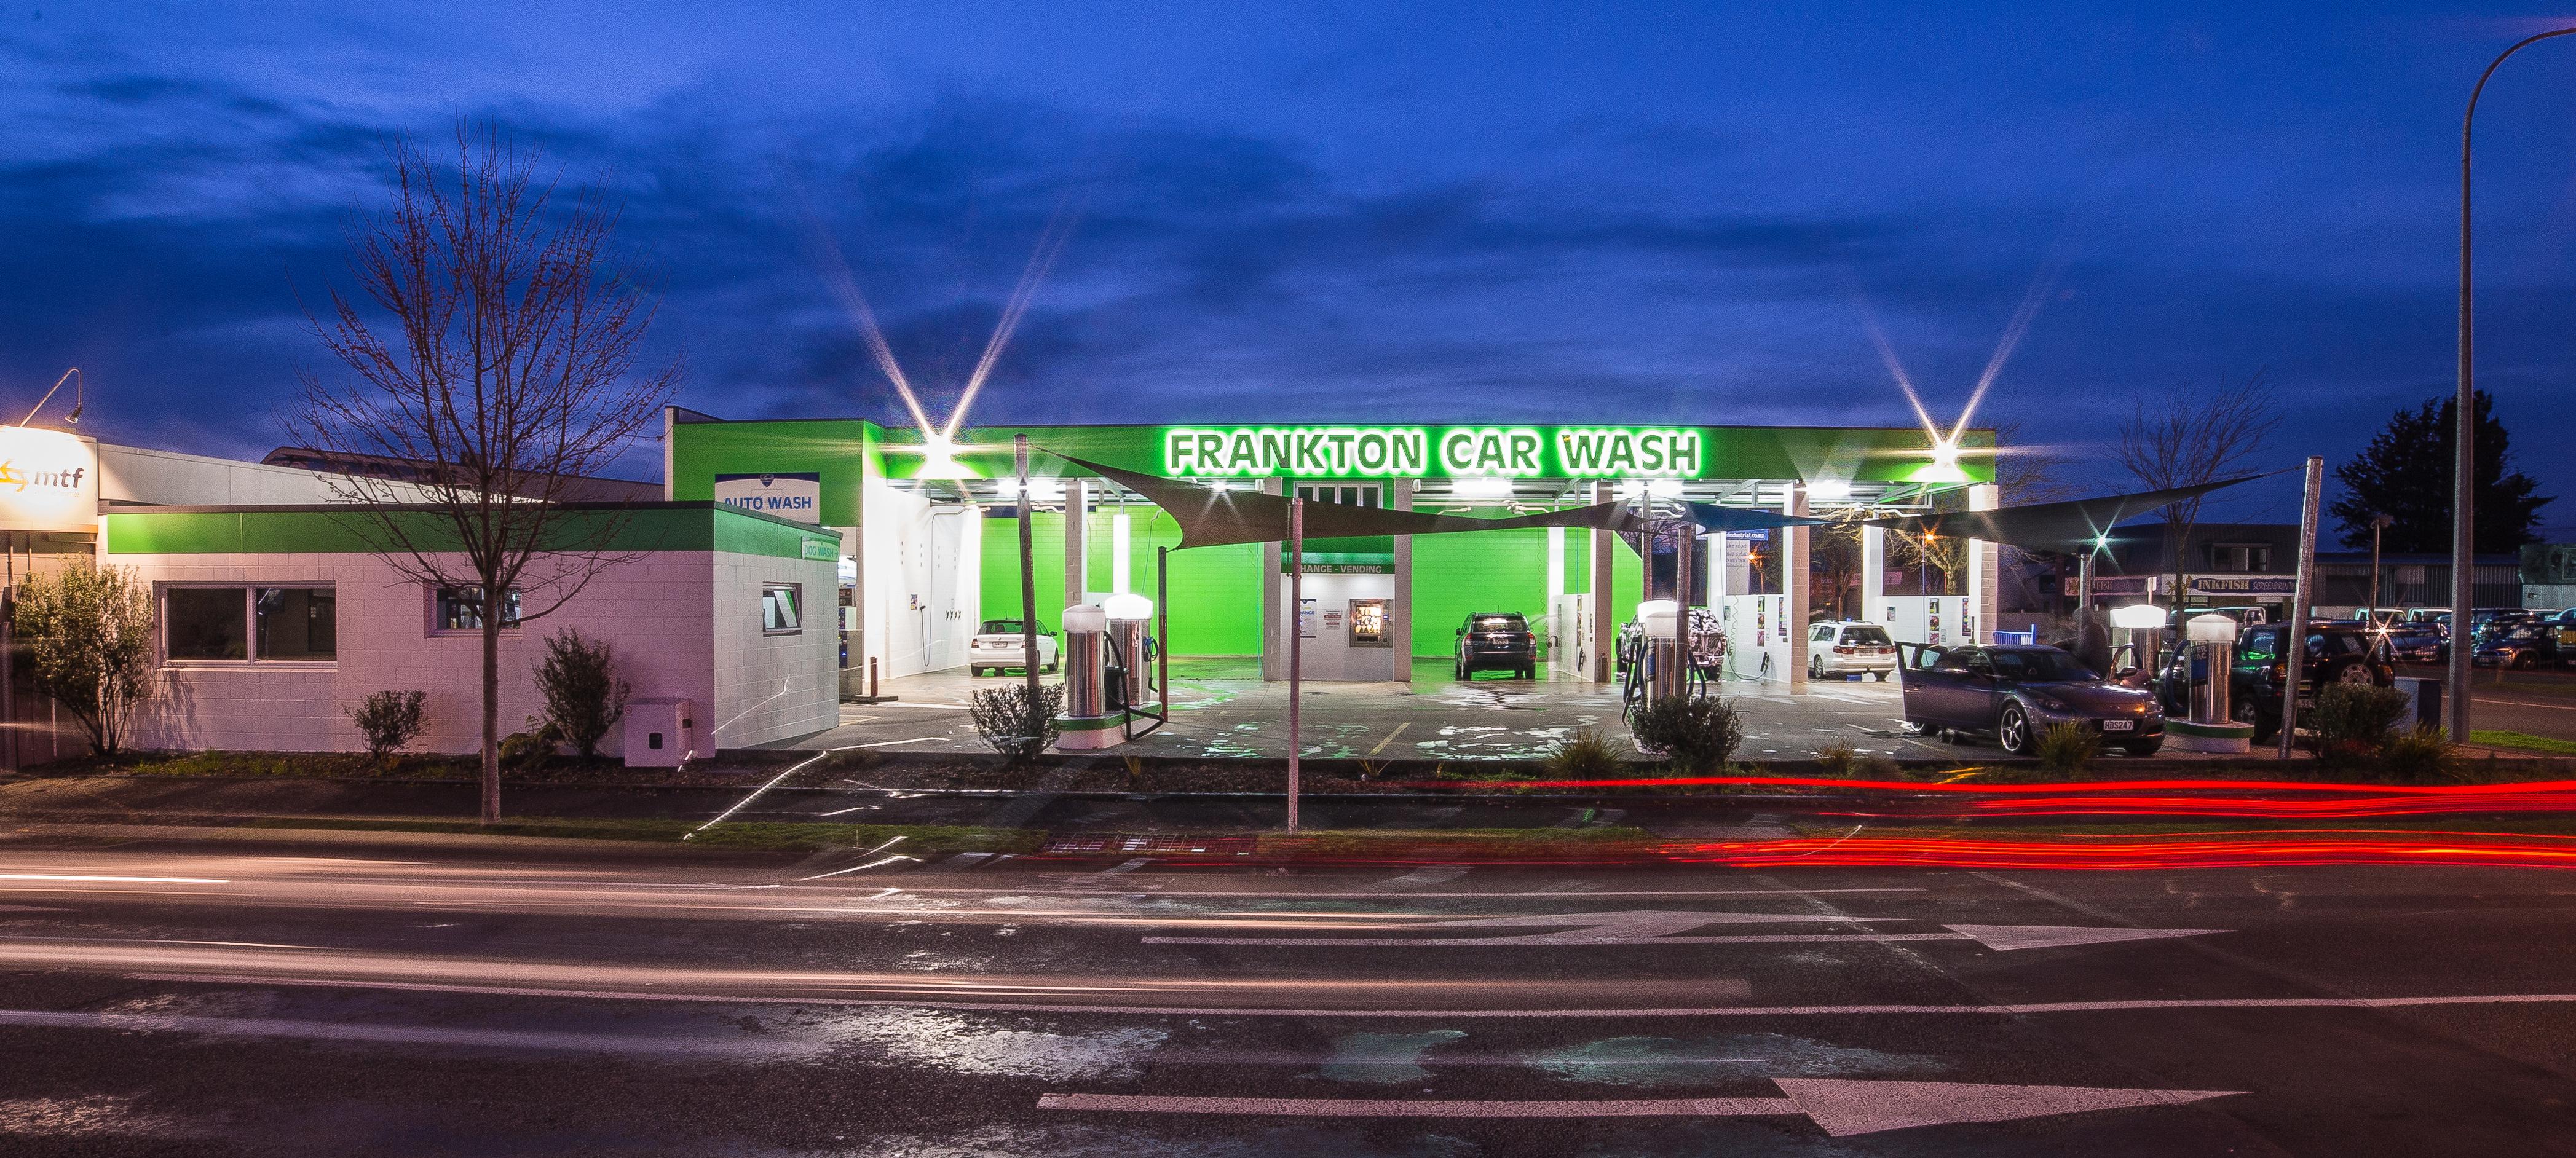 Frankton Car Wash